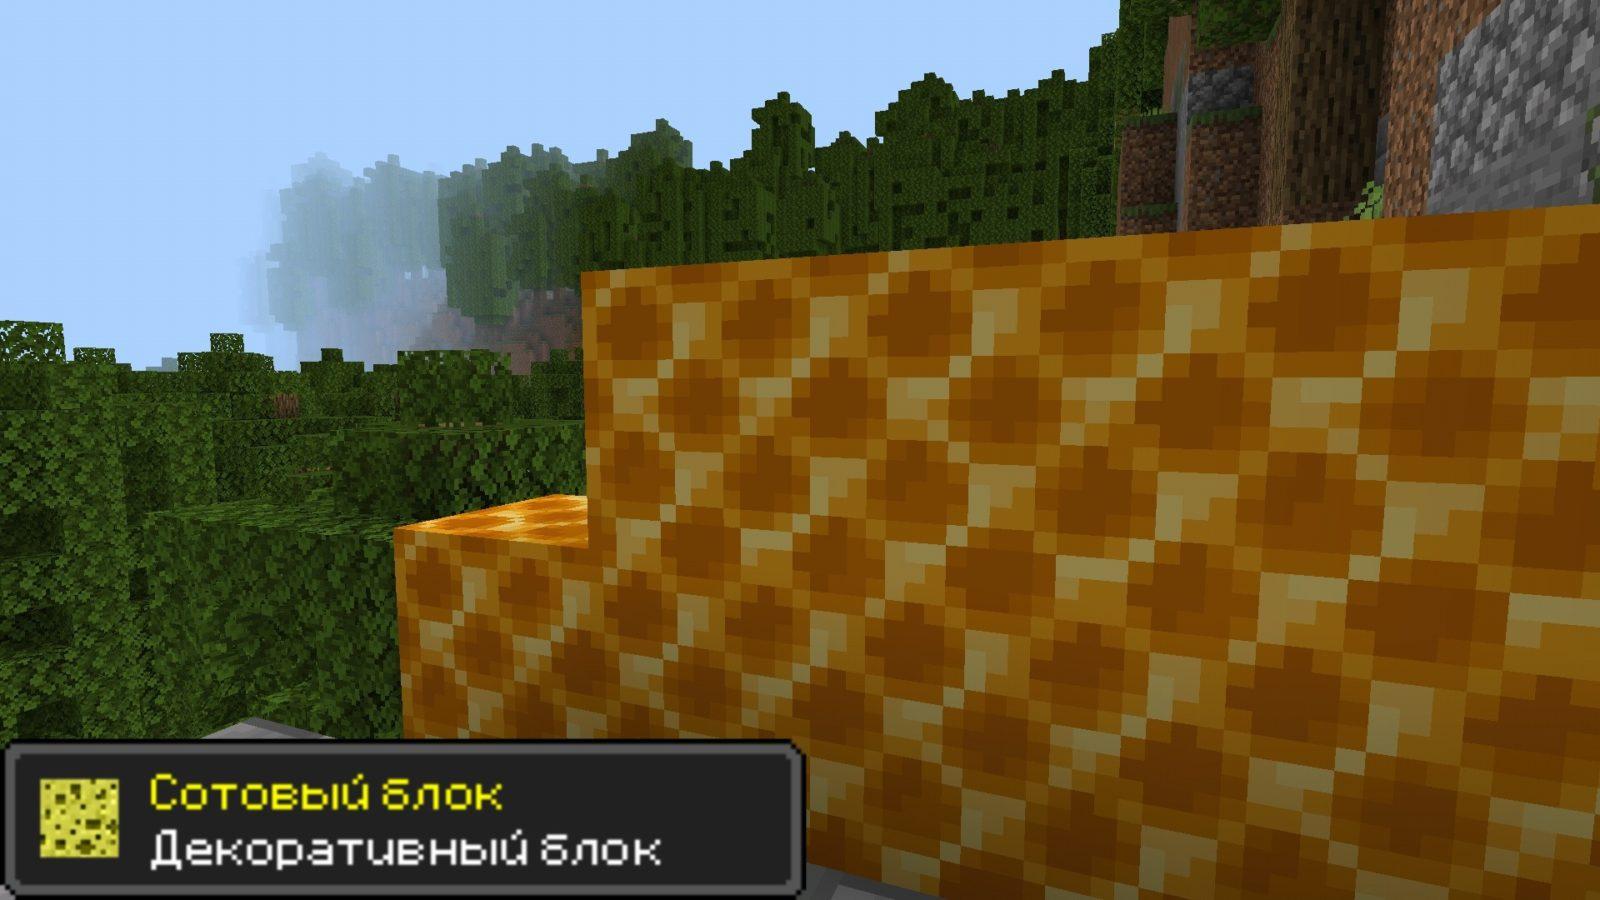 Sotovye bloky Minecraft PE 1.14.25.1